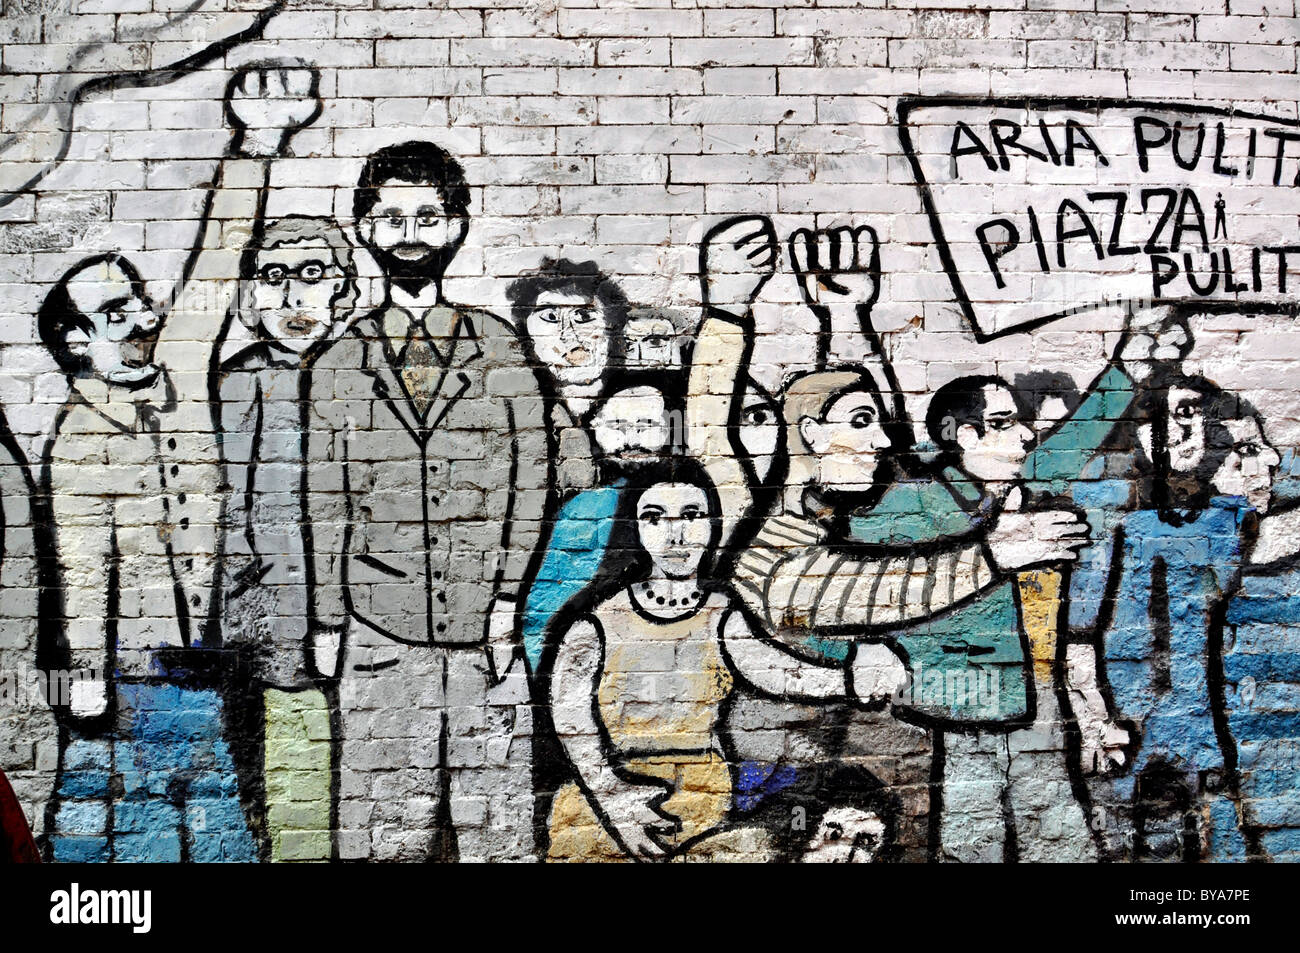 Mural de protesta, Roma, Lazio, Italia, Europa Imagen De Stock